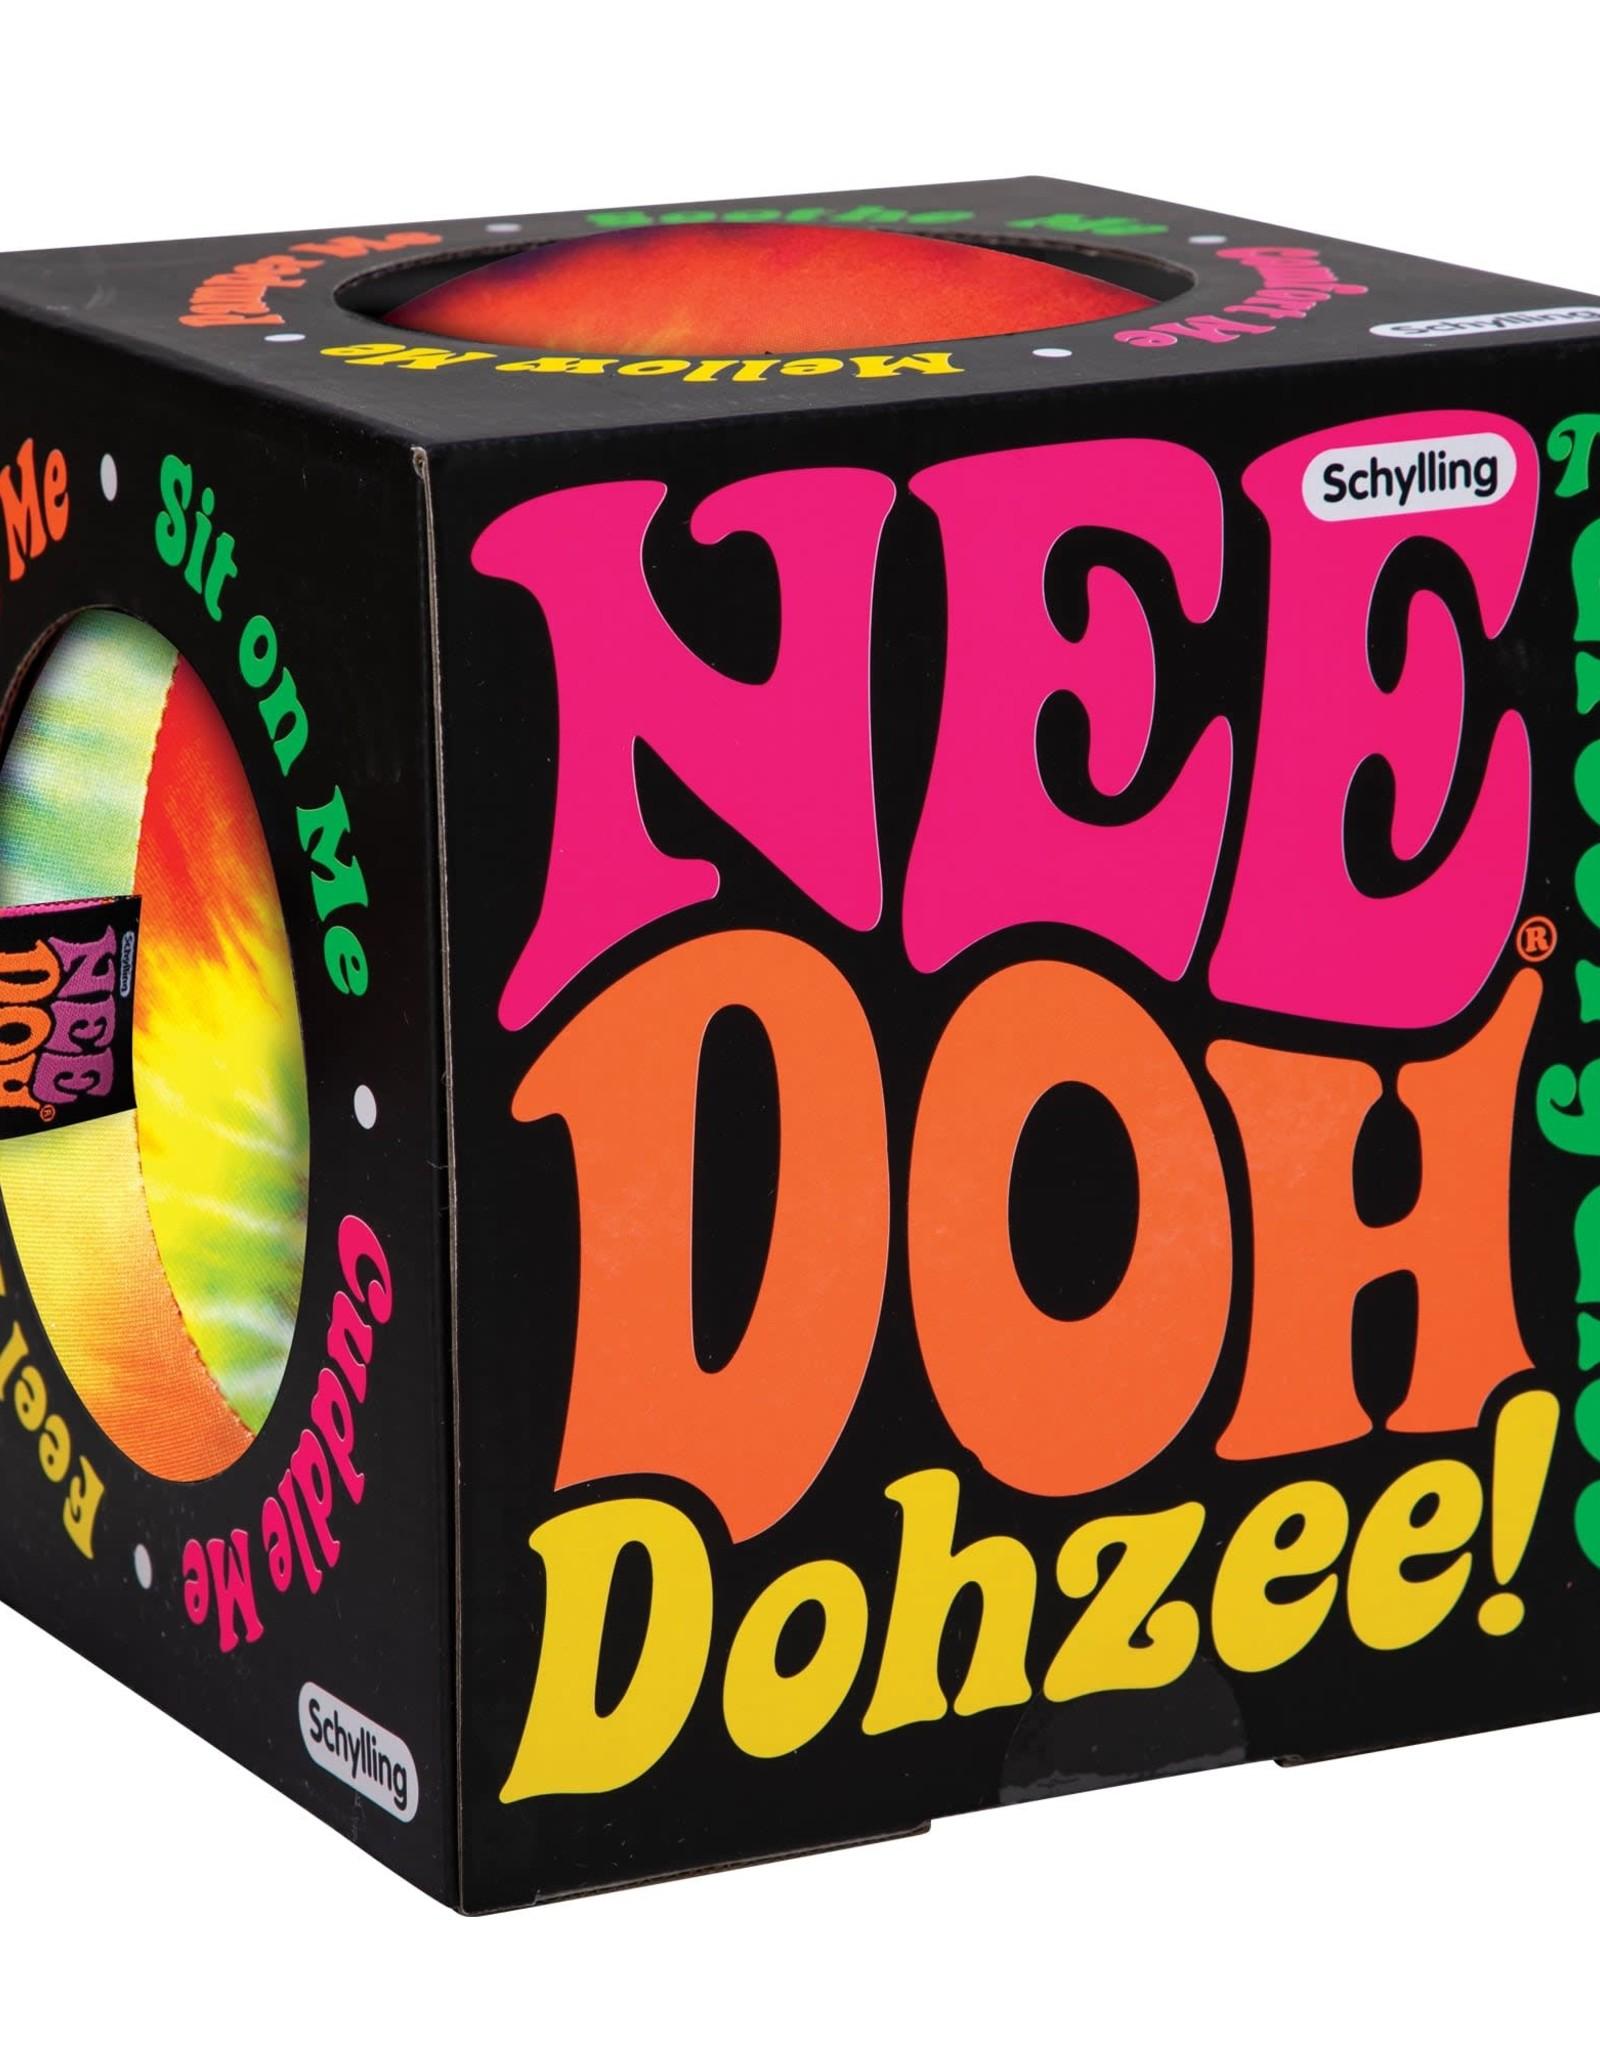 Nee Doh Dohzee!